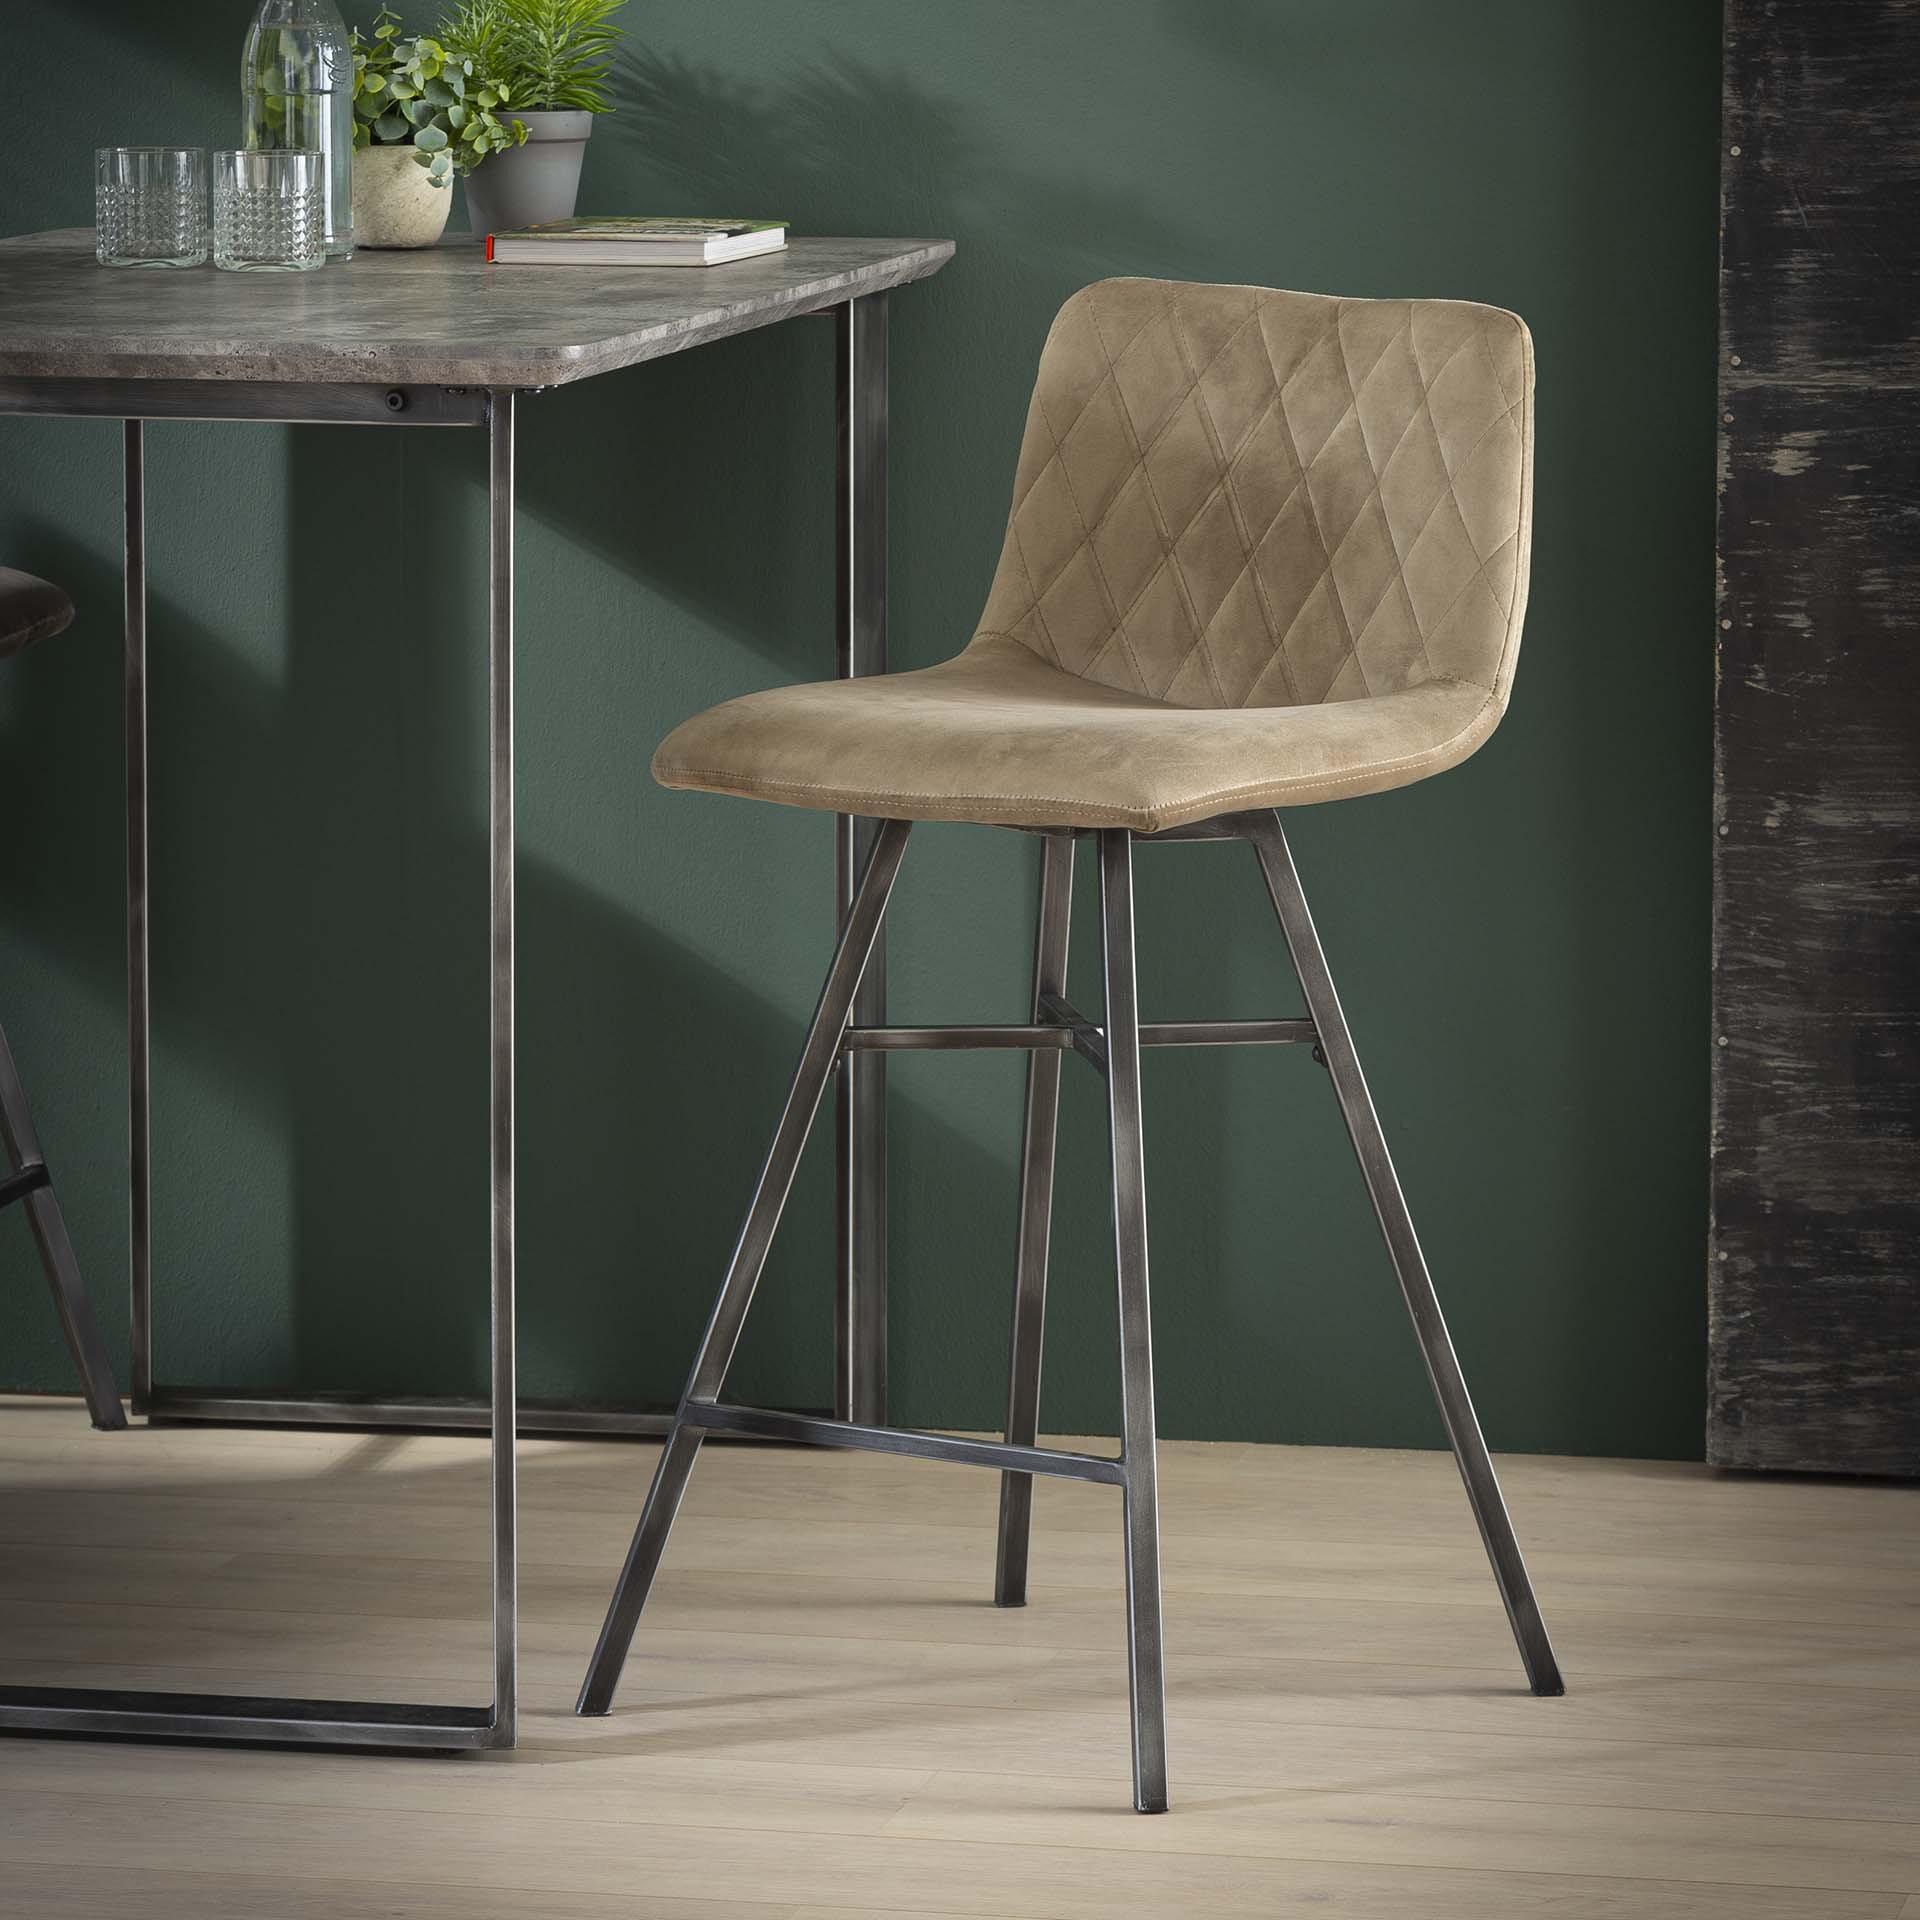 Barstoel 'Fedde' (zithoogte 68cm) kleur Champagne Velours Zitmeubelen | Barkrukken & Barstoelen vergelijken doe je het voordeligst hier bij Meubelpartner